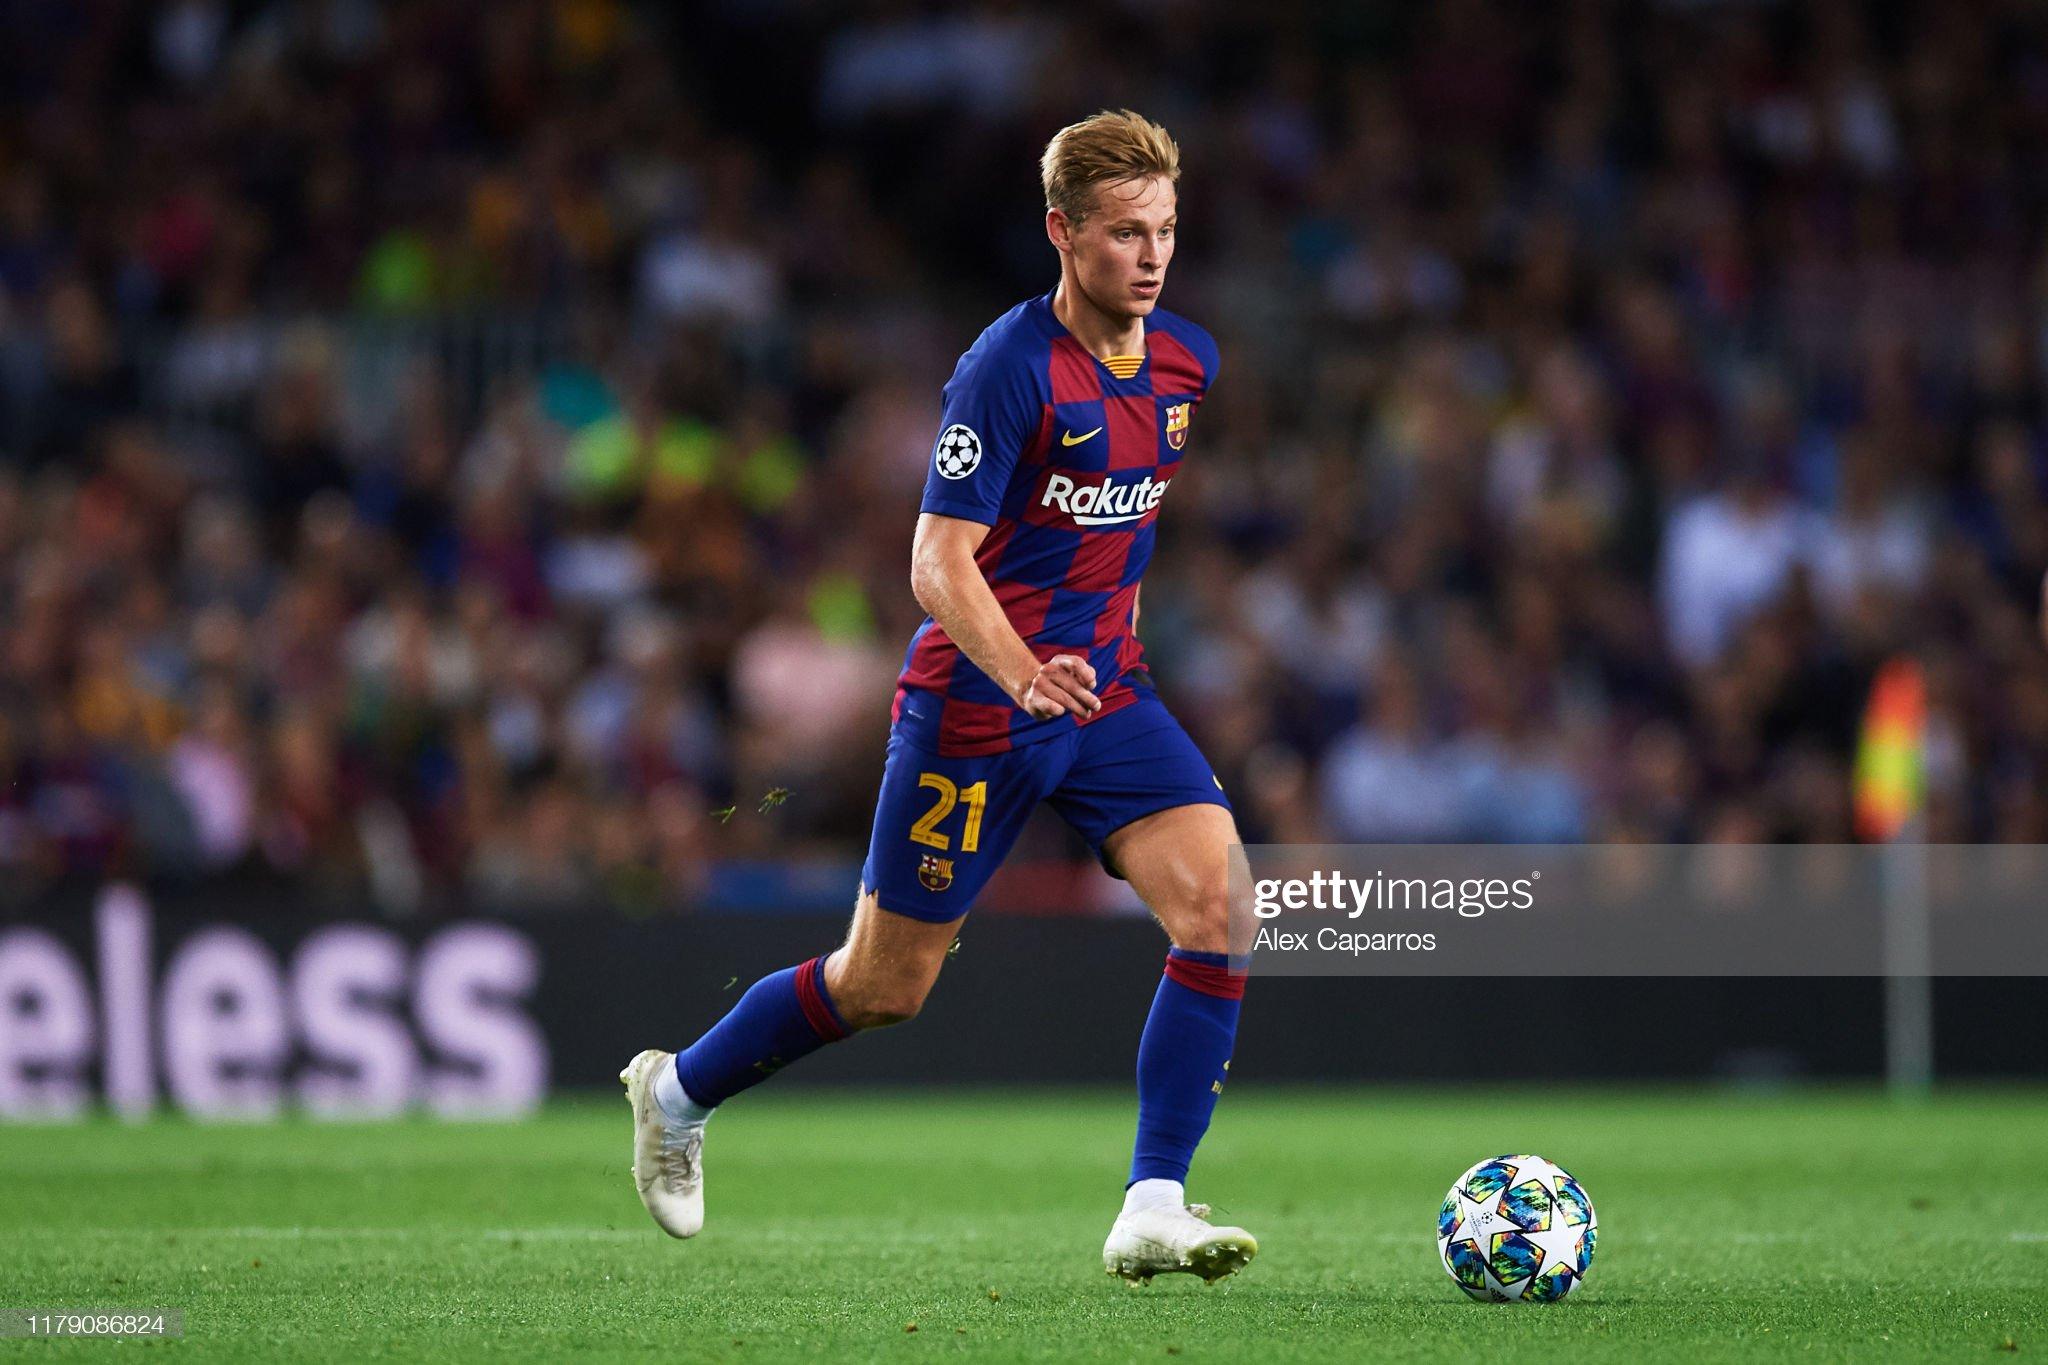 صور مباراة : برشلونة - إنتر 2-1 ( 02-10-2019 )  Frenkie-de-jong-of-fc-barcelona-conducts-the-ball-during-the-uefa-picture-id1179086824?s=2048x2048